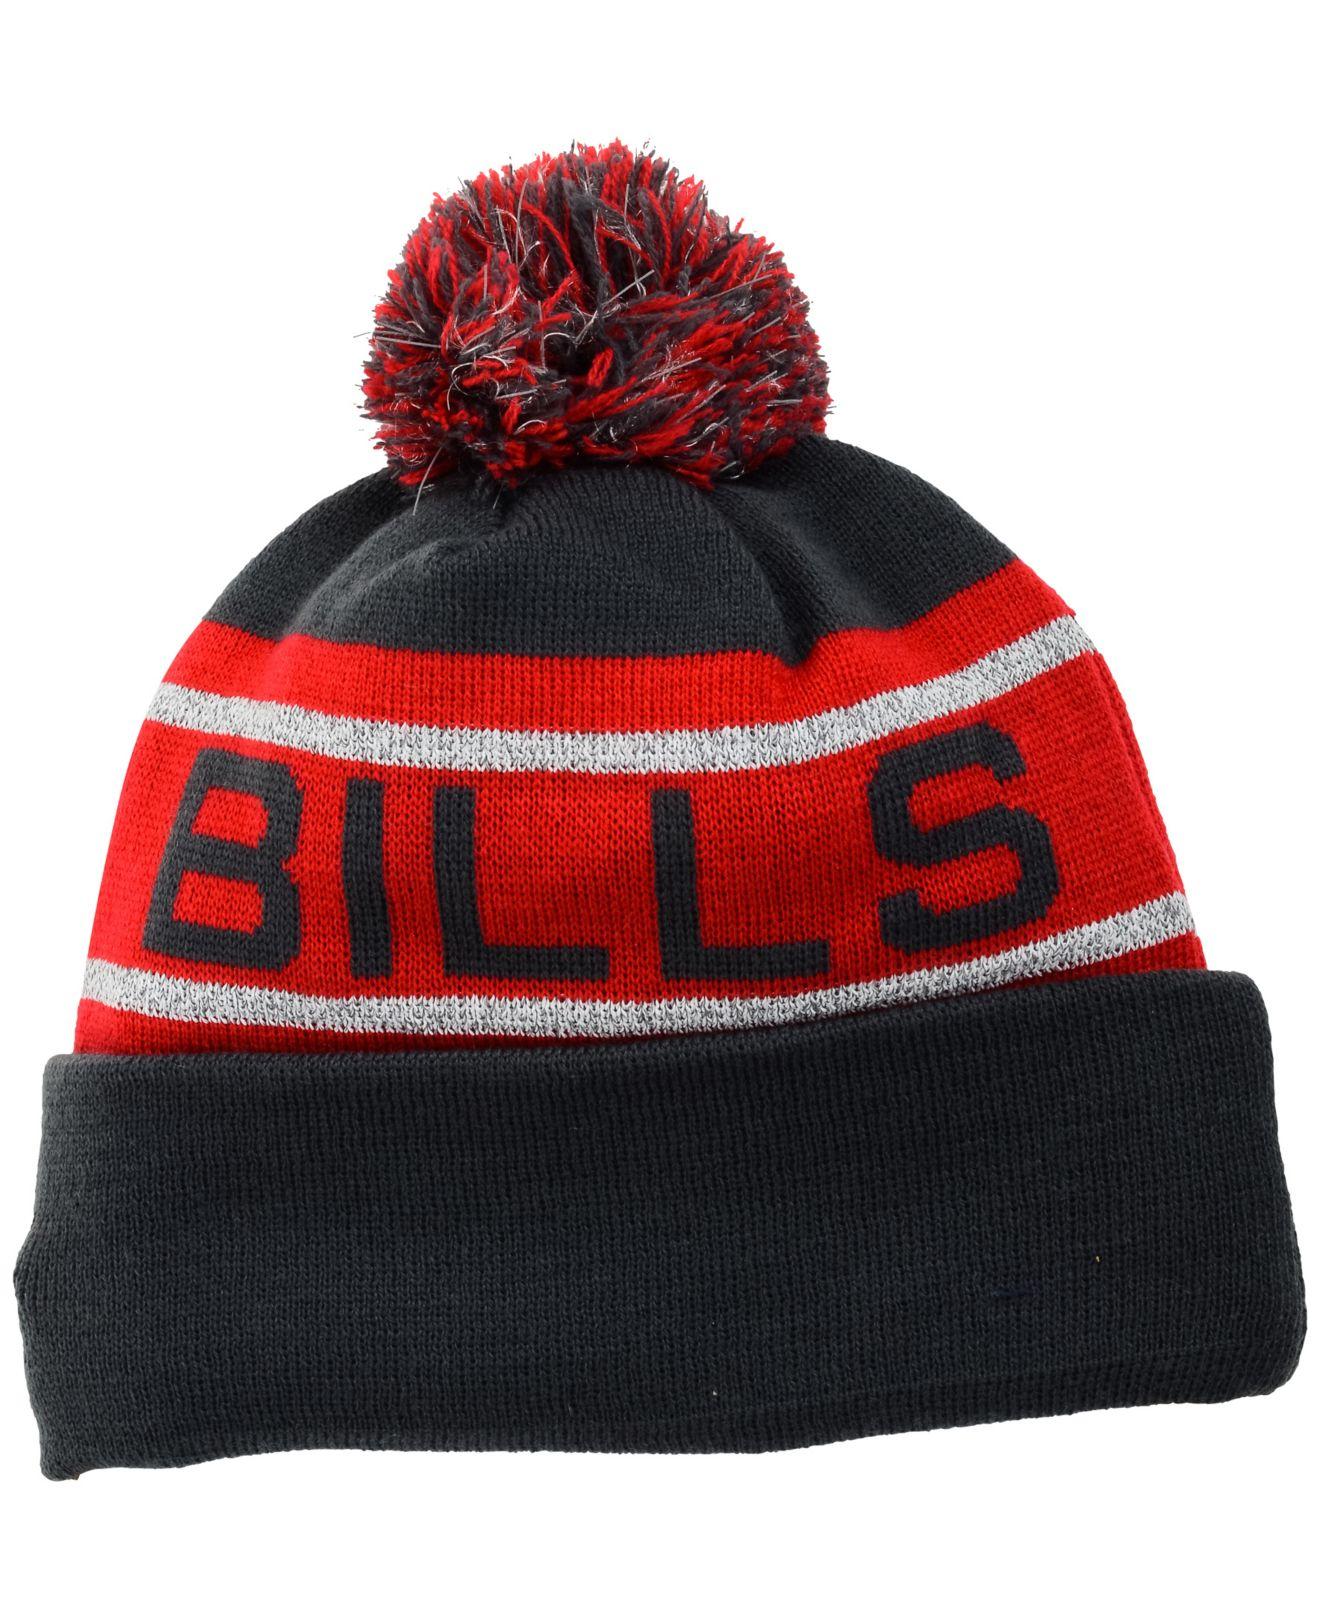 15eb9dfe9 Men s Buffalo Bills New Era Red Solid Cuffed Knit Hat